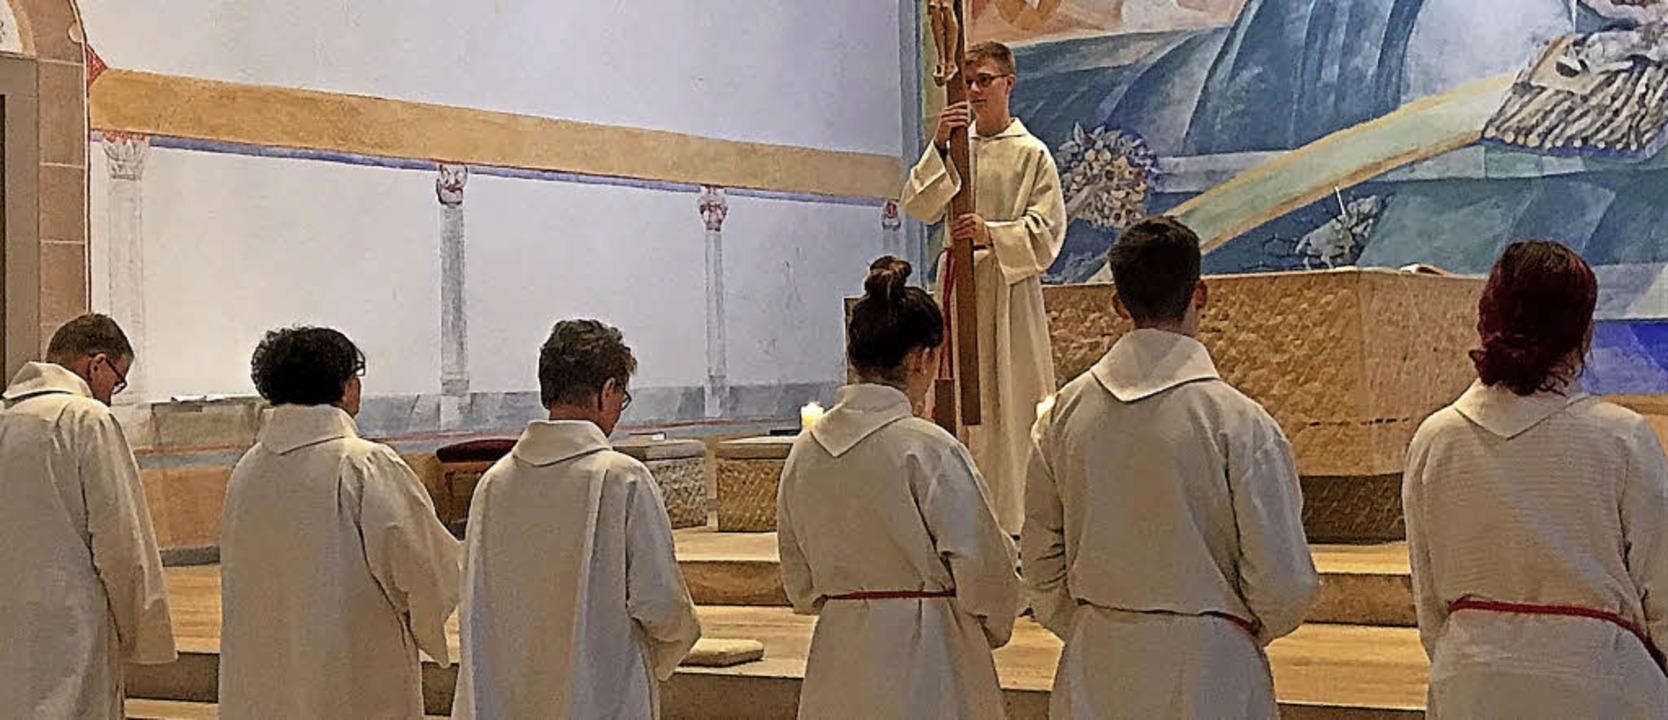 Die katholische Gemeinde Rickenbach fe...idensweg Jesu mit einer Kreuzanbetung.  | Foto: Jessica Lichetzki